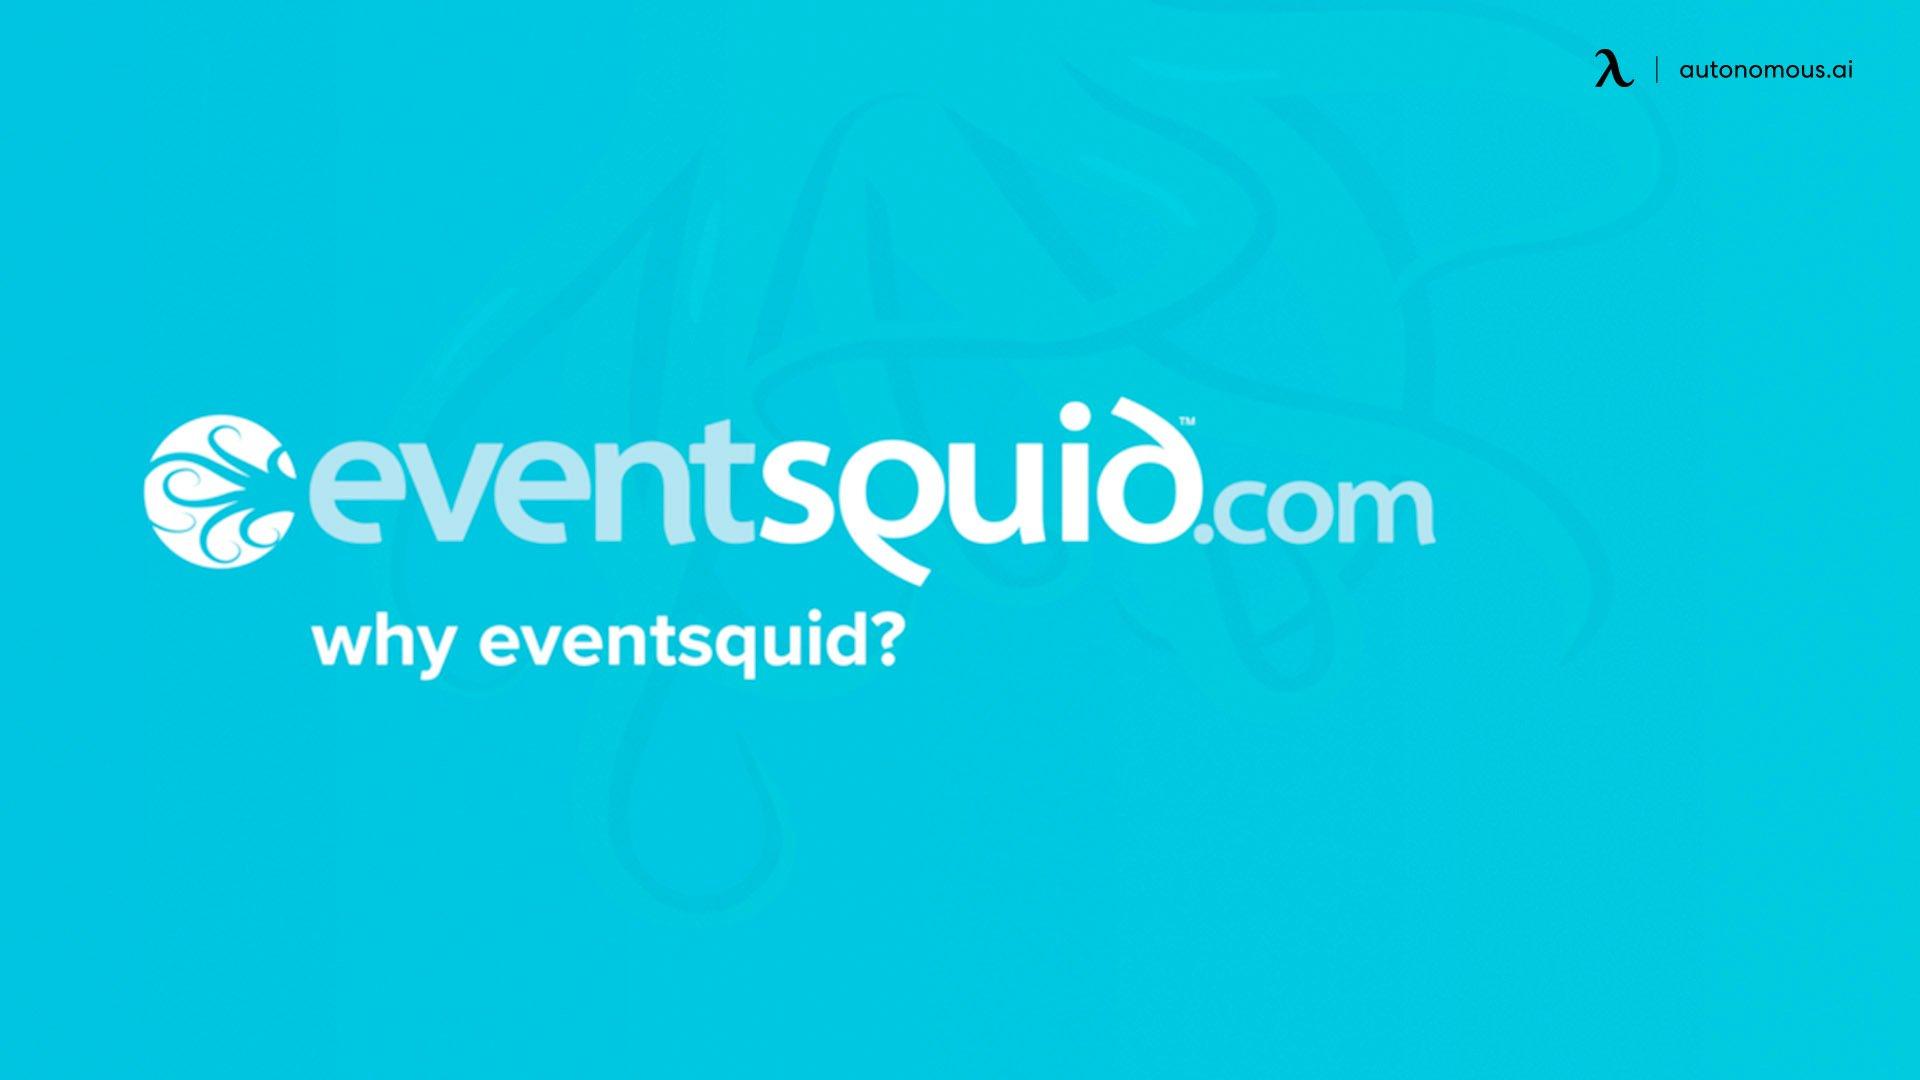 Eventsquid